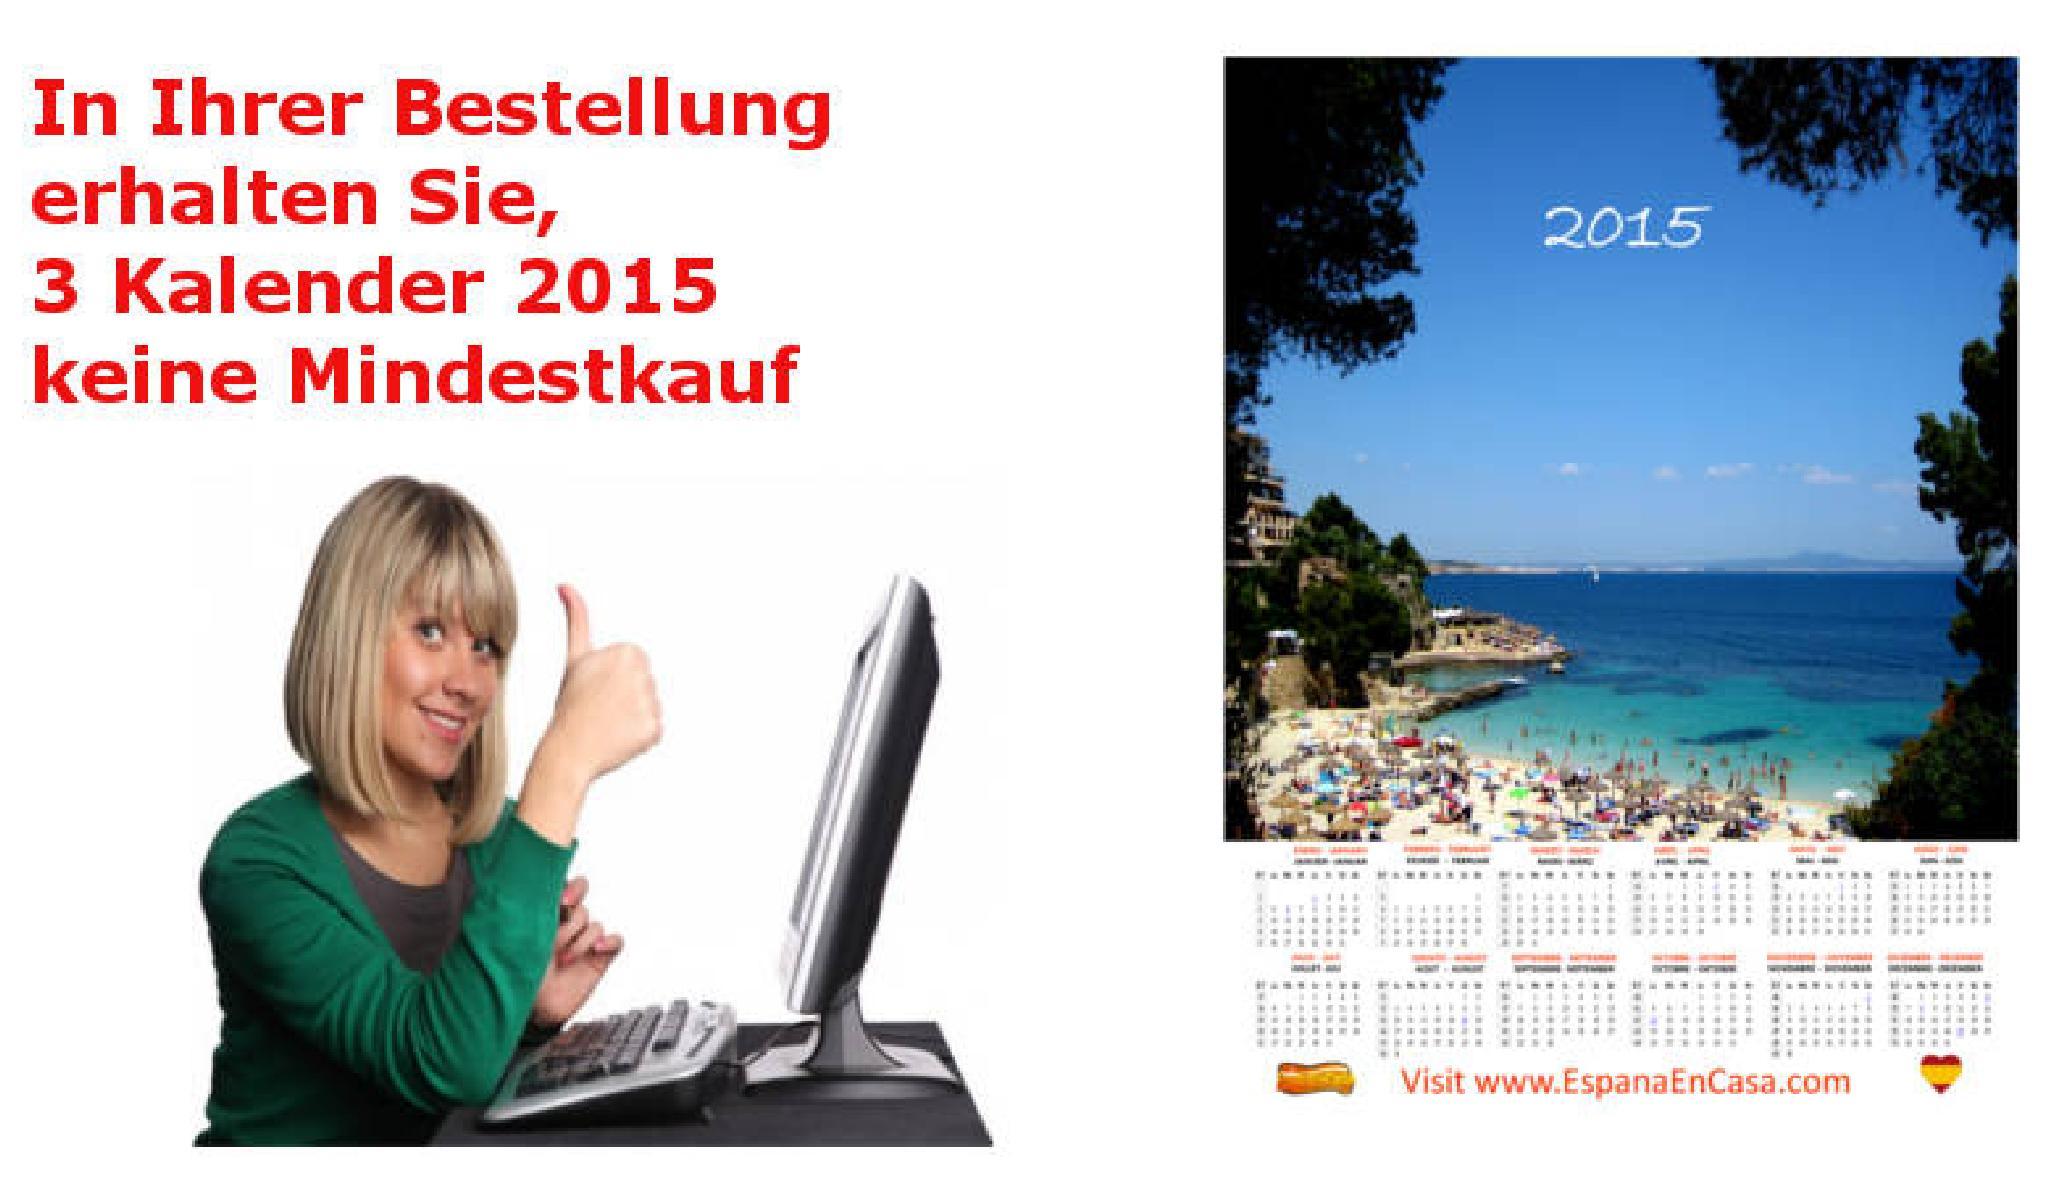 Erhalten Sie 3 Kalender mit Ihrer Bestellung ohne Mindestabnahme by EspanaenCasaDE